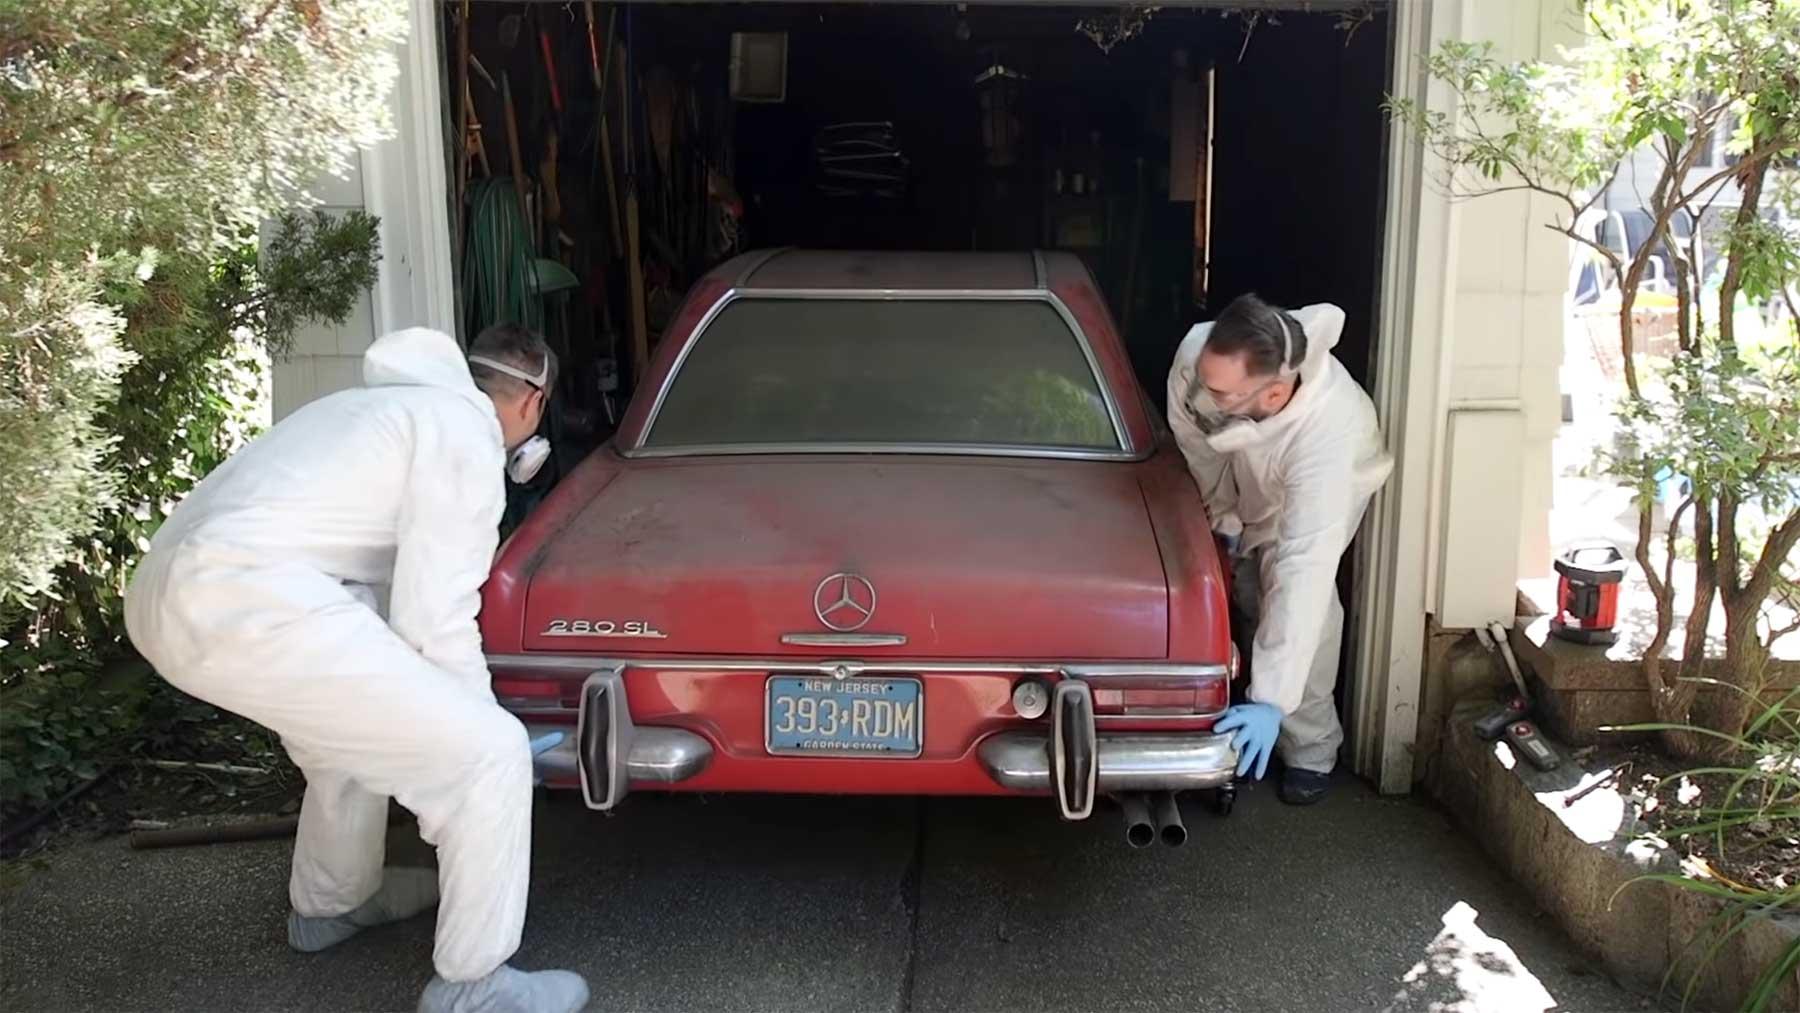 Reinigung eines 37 Jahre nicht bewegten Mercedes 280 SL reinigung-37-jahre-unbewegter-mercedes